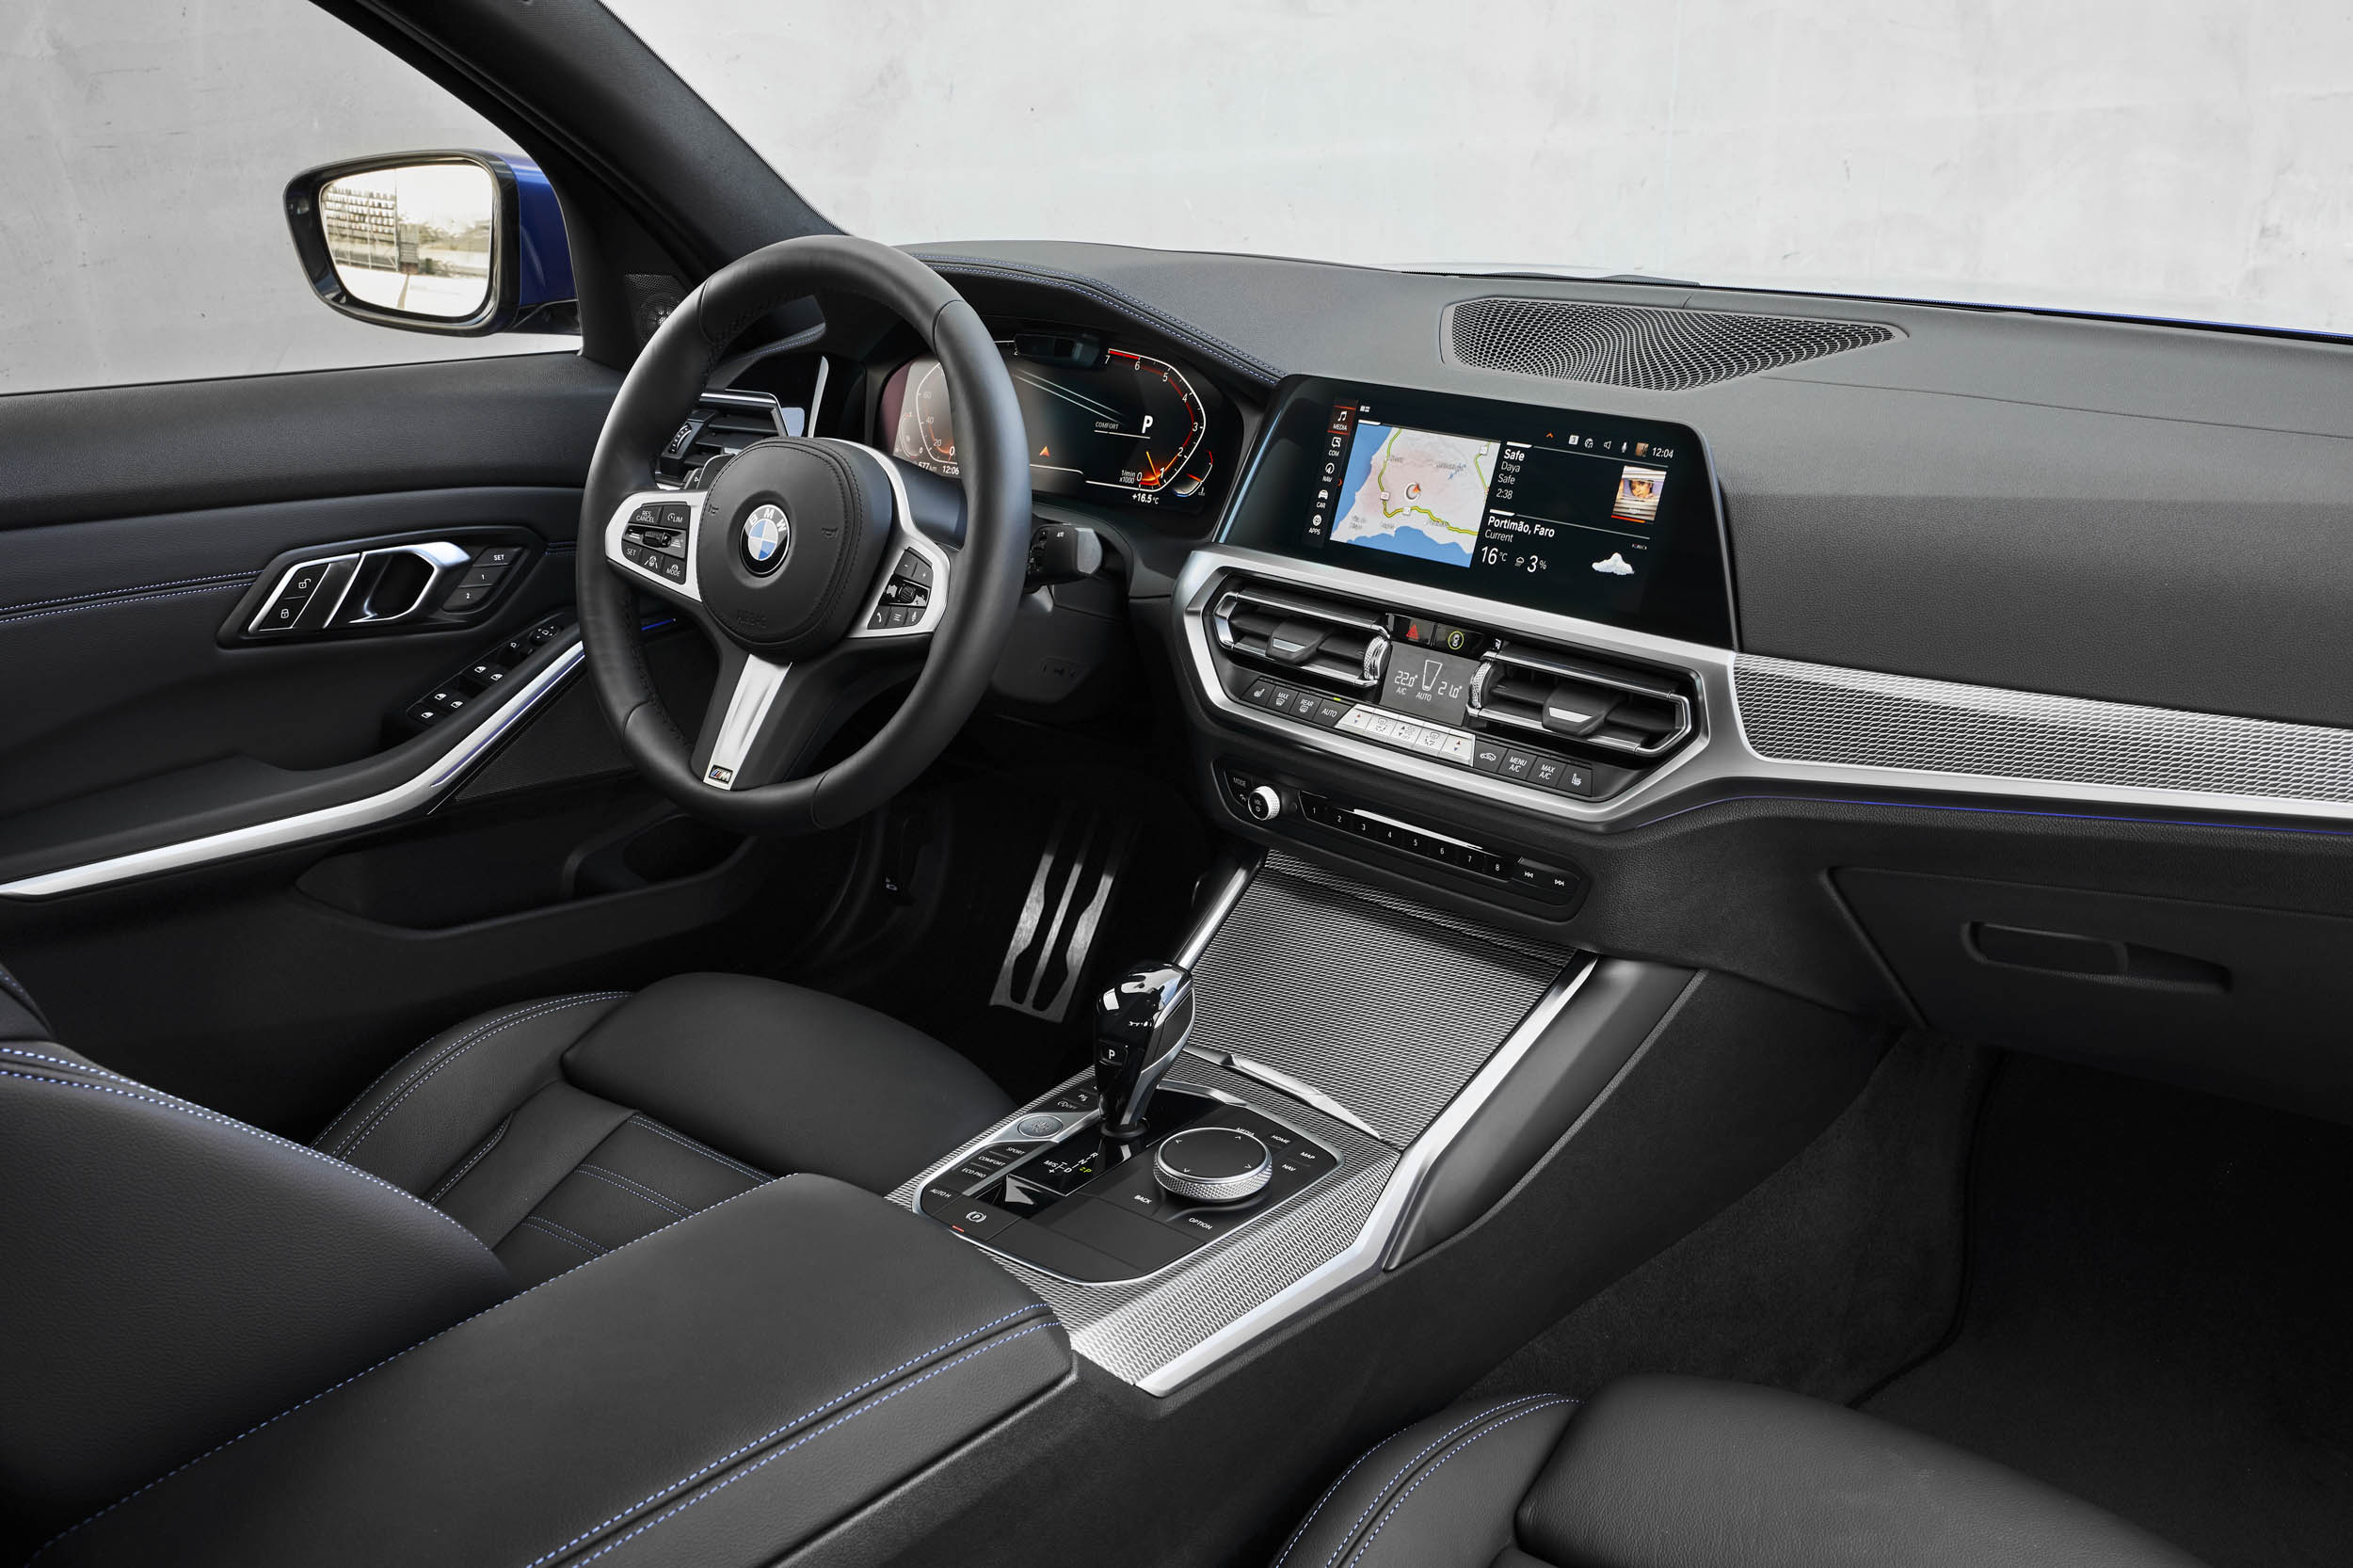 2019 BMW 330i M Sport drivers seat